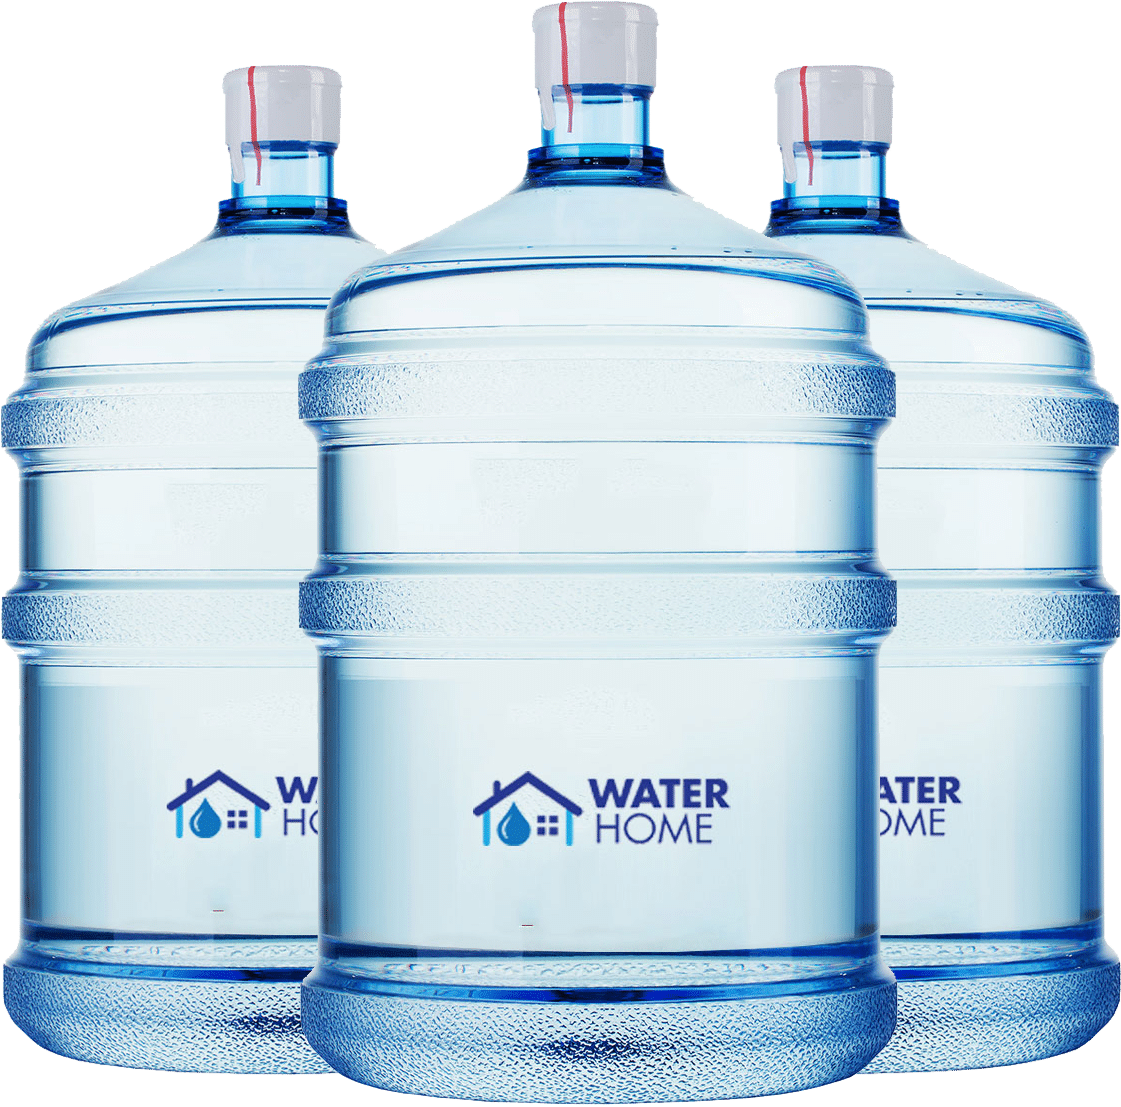 WaterDist